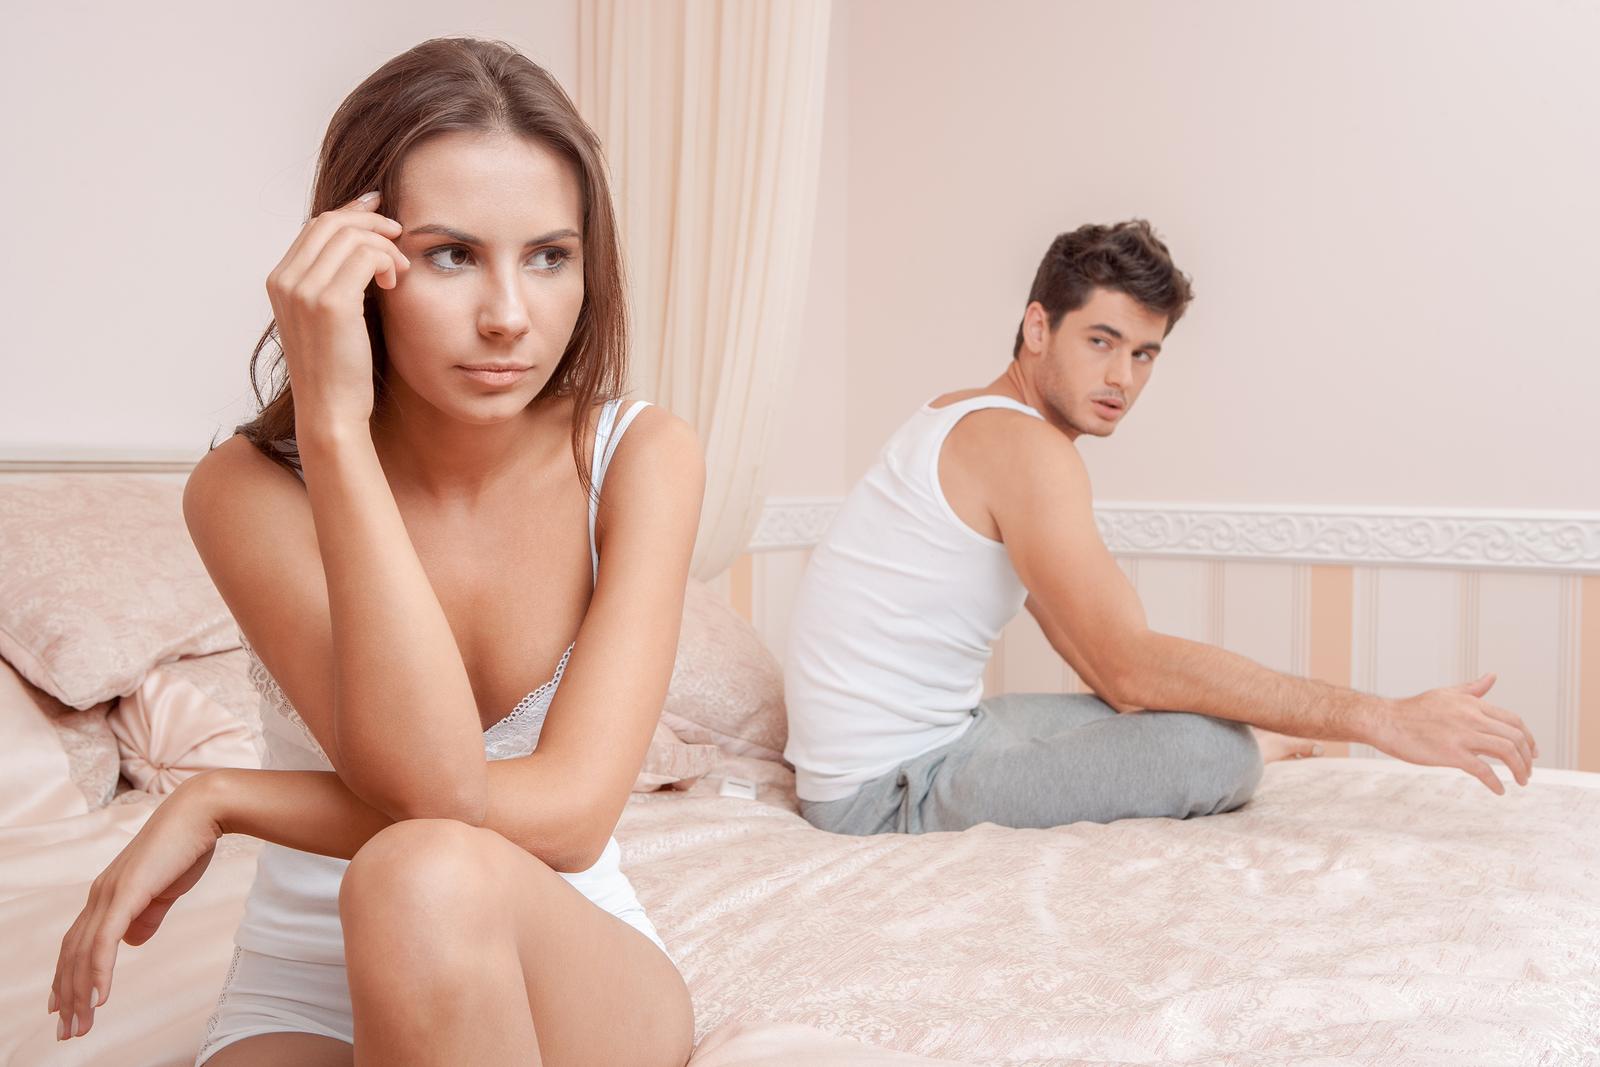 Чого потрібно уникати в сімейних відносинах? 9 не